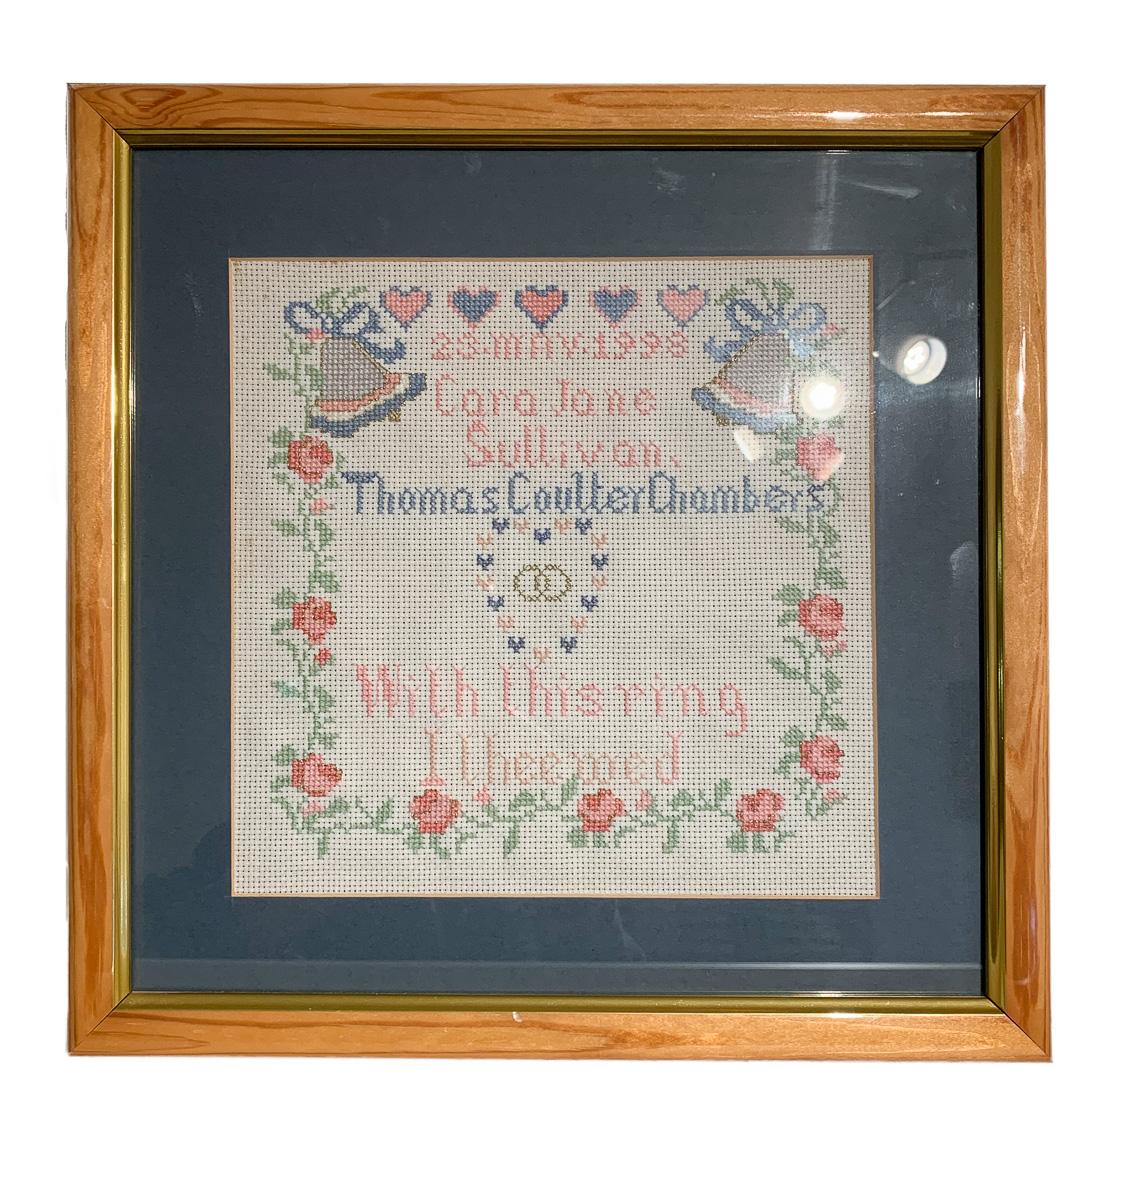 Cross-stitch in original frame